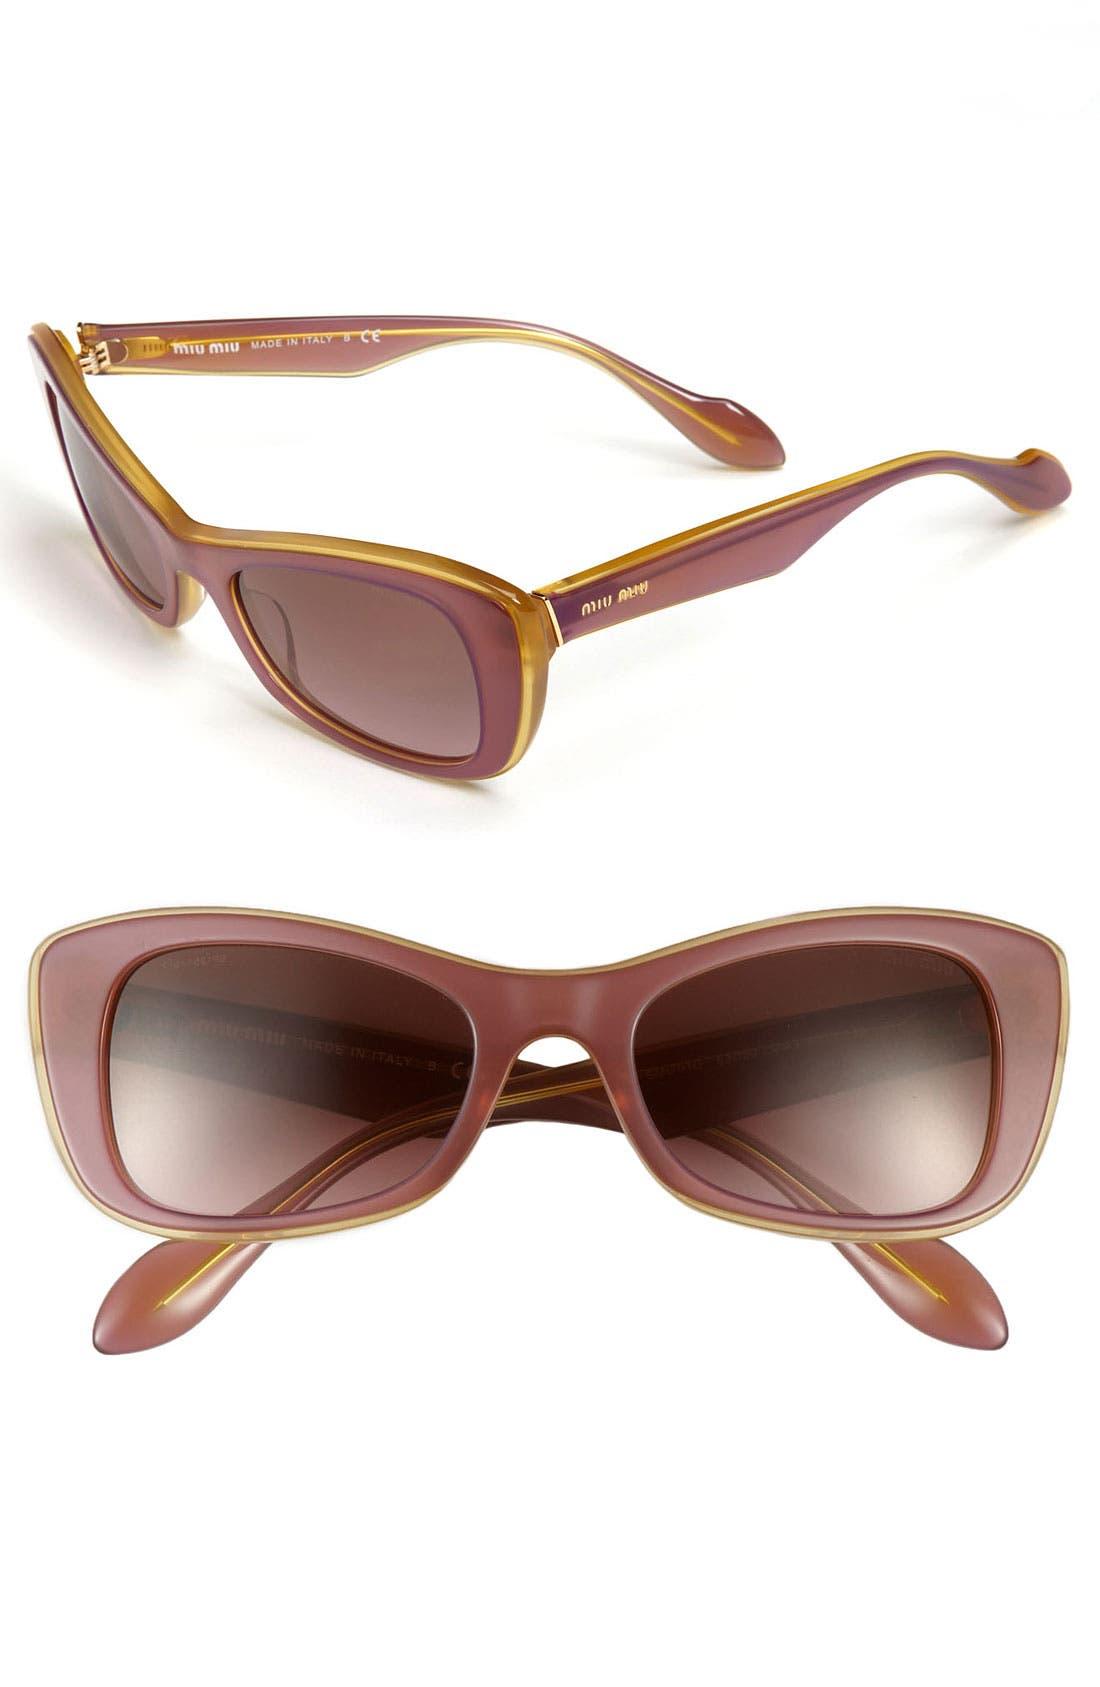 Main Image - Miu Miu Butterfly Sunglasses